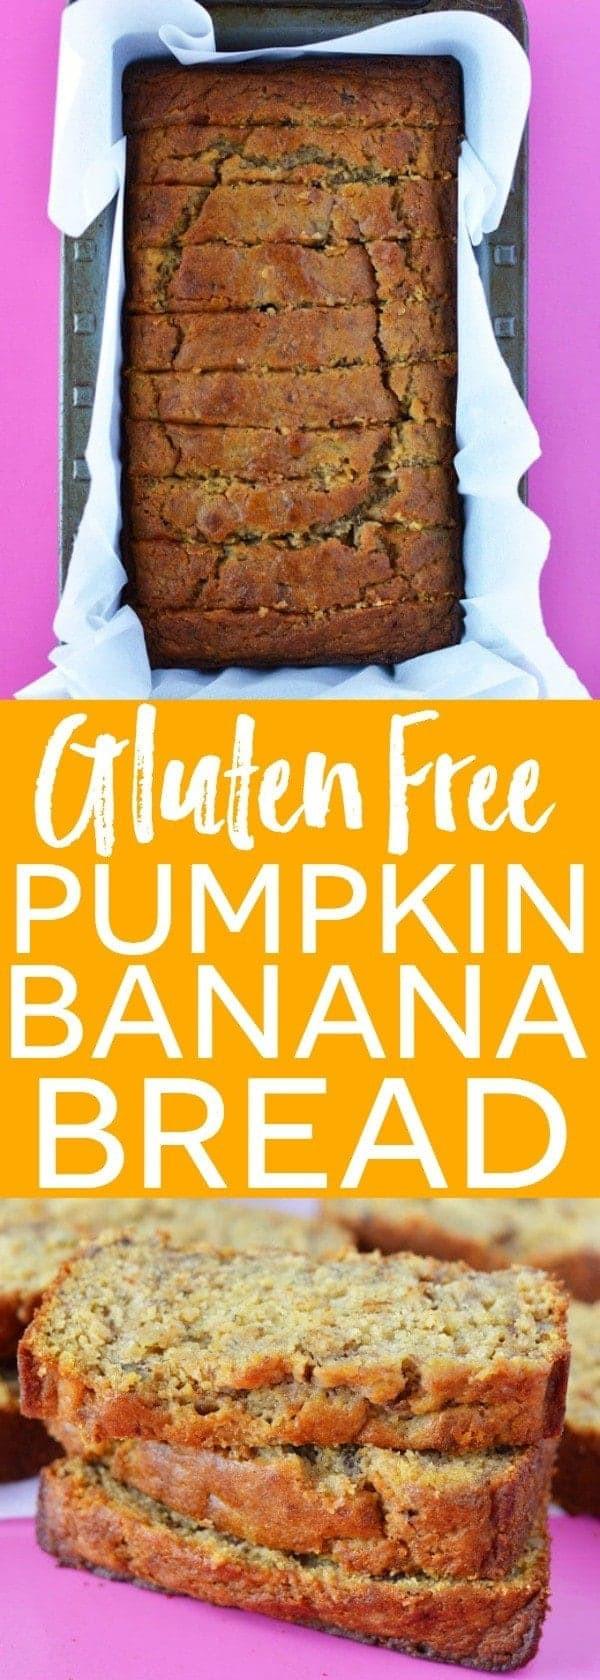 Banana Bread Dairy Free  Gluten Free Pumpkin Banana Bread Recipe from